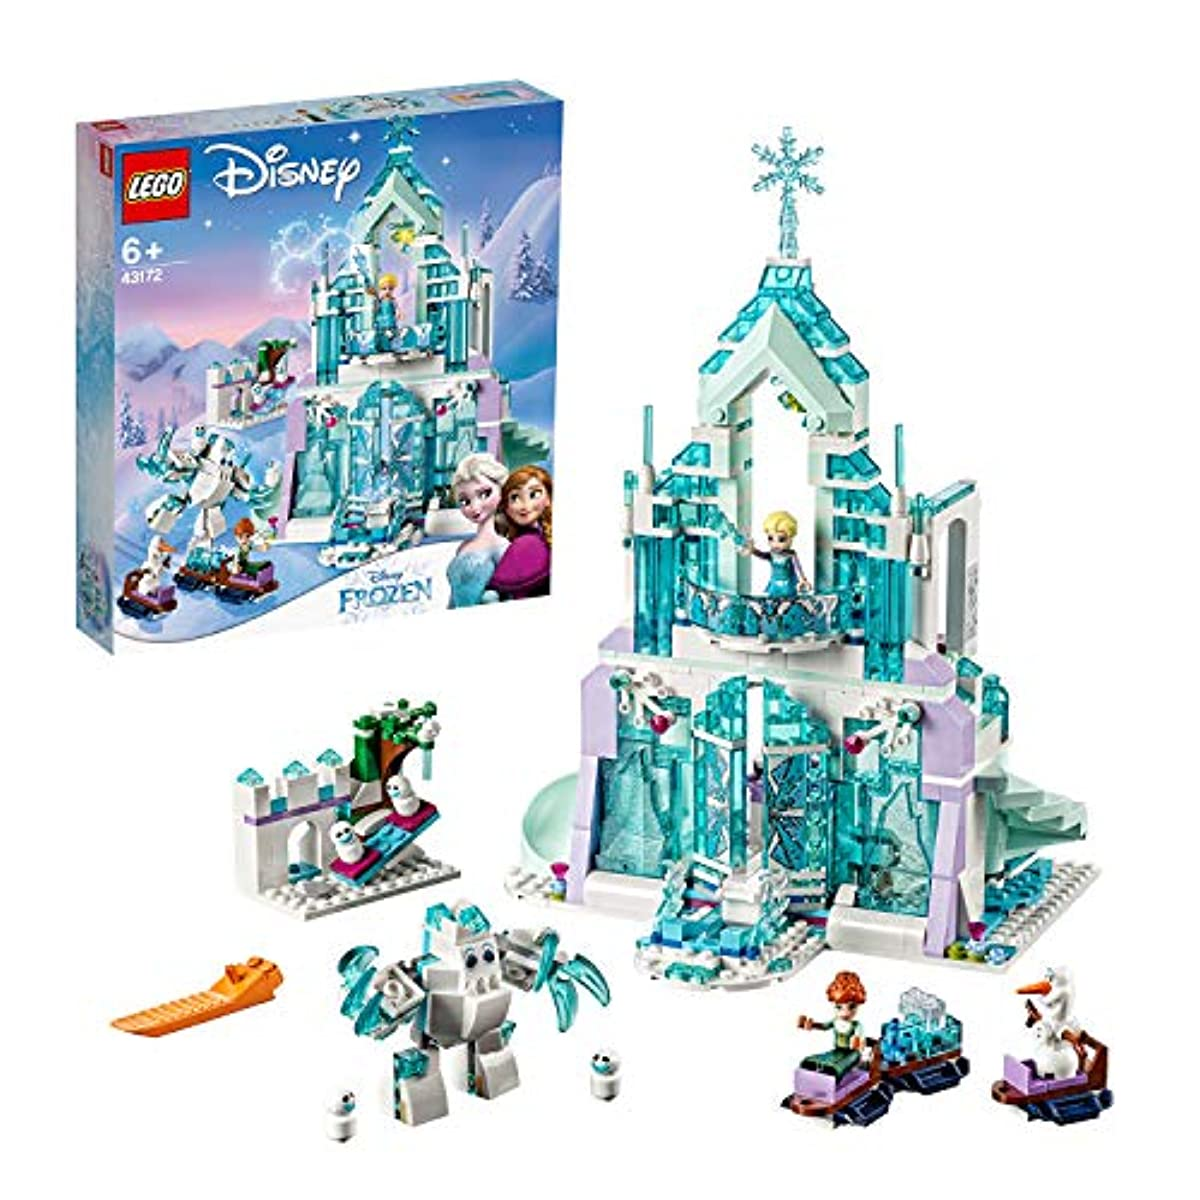 """[해외] 레고(LEGO) 디즈니 프린세스 겨울왕국 """"아이스 캐슬환퍼터지"""" 43172"""